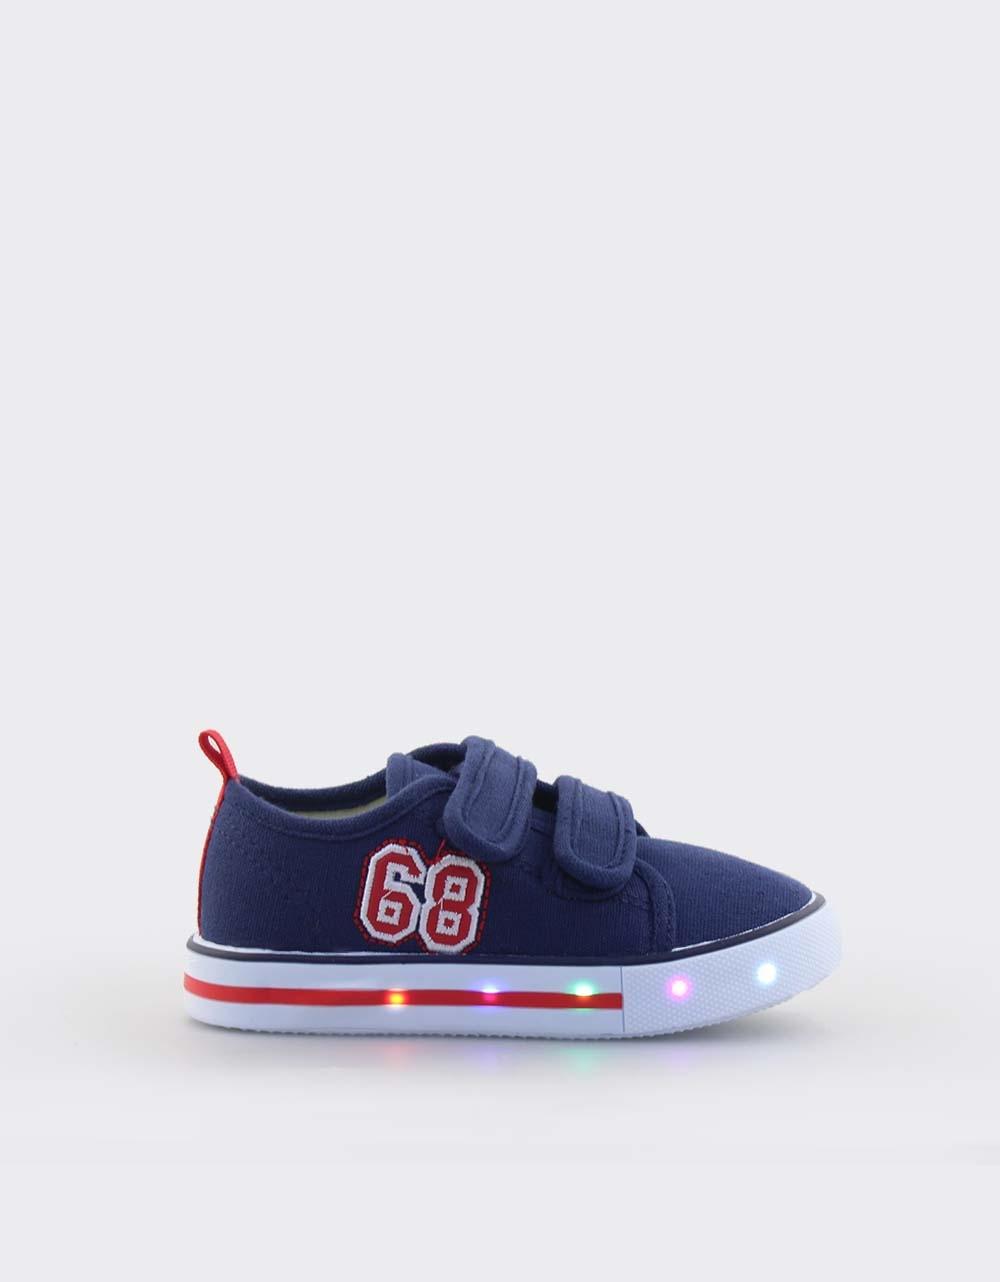 Εικόνα από Παιδικά sneakers με διπλά αυτοκόλλητα και φωτάκια Navy